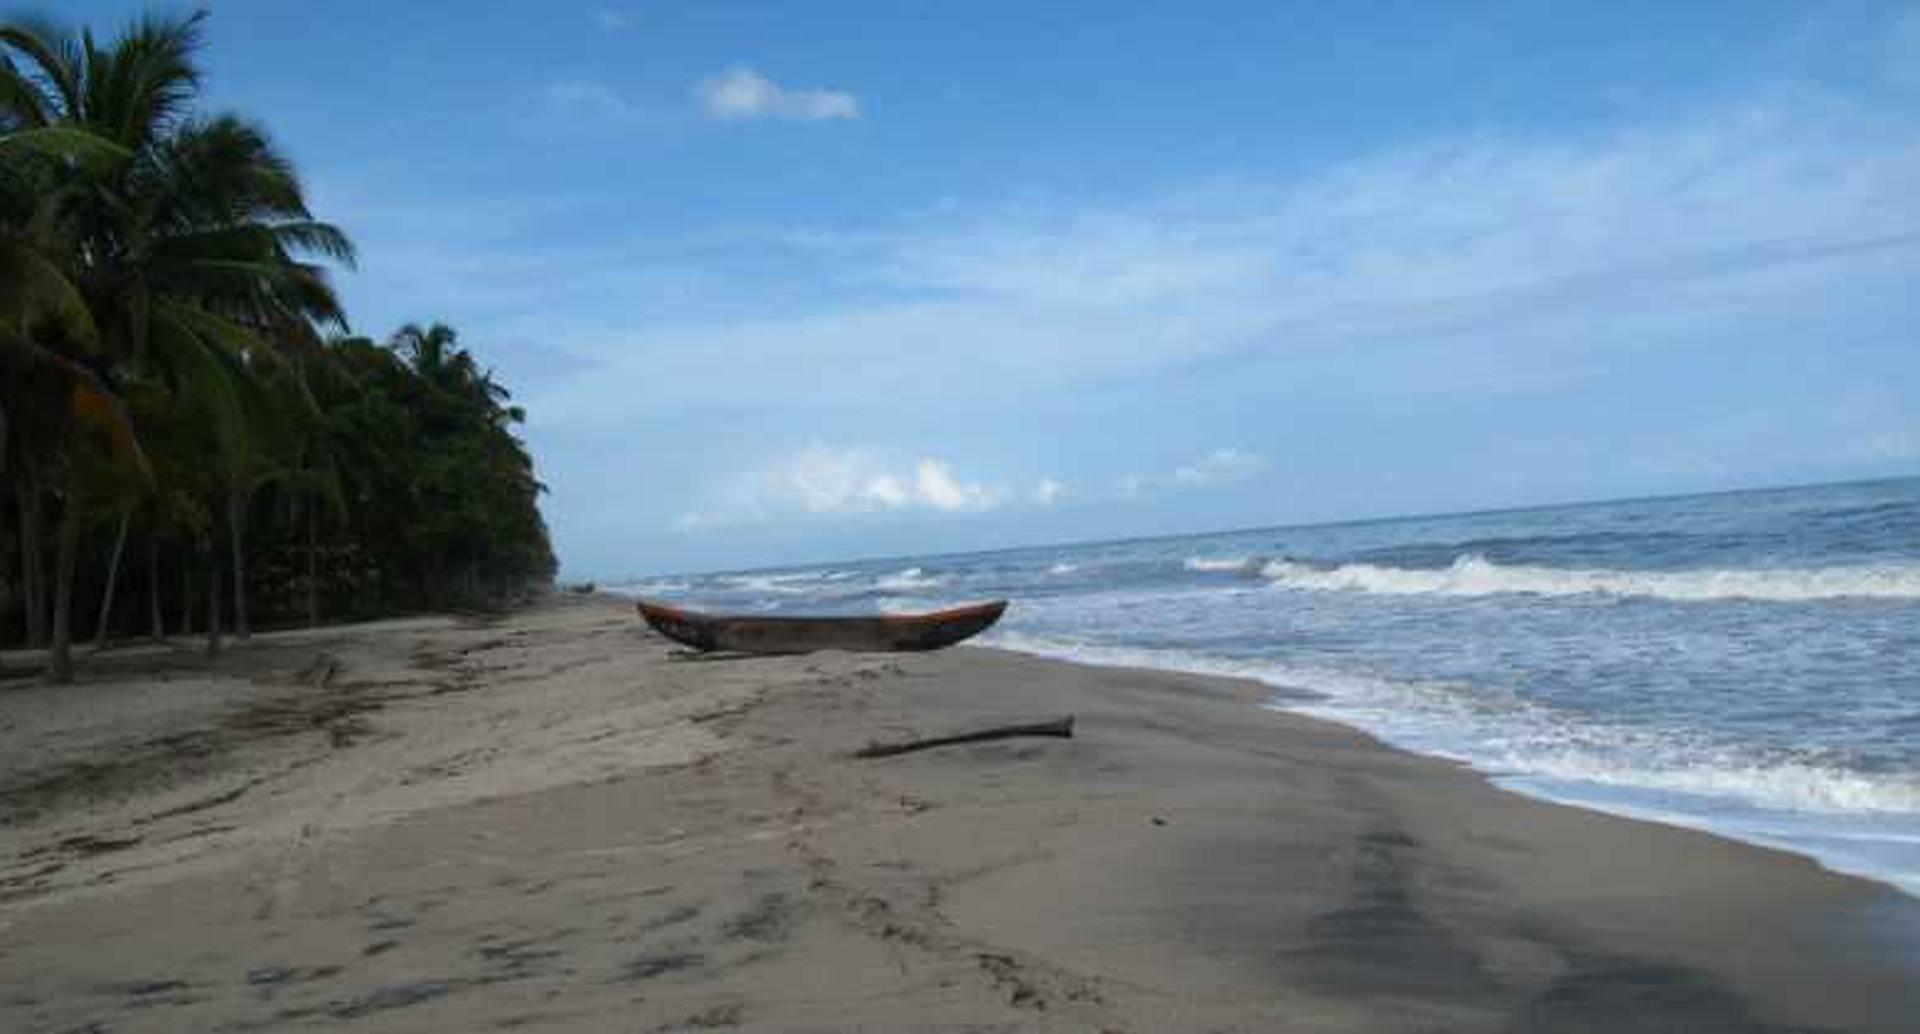 Palomino: Es una playa en la costa del Caribe, al pie de las montañas de Sierra Nevada en el departamento de La Guajira. Allí se puede disfrutar de la playa, caminar por las montañas y visitar a la comunidad indígena Kogi.